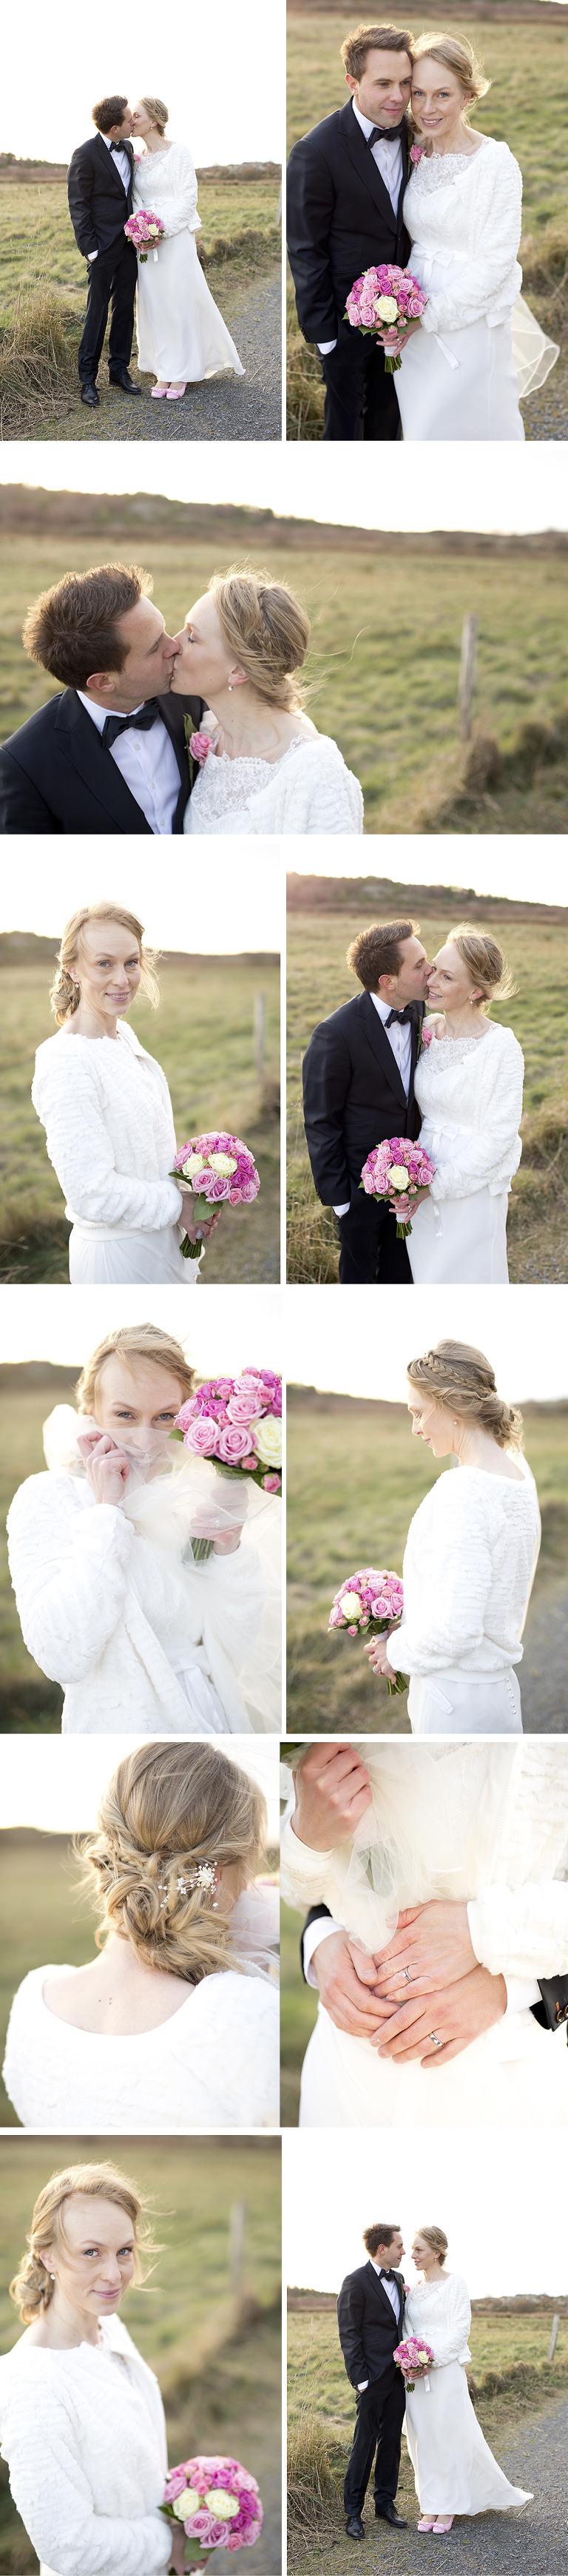 BröllopValldaSandö